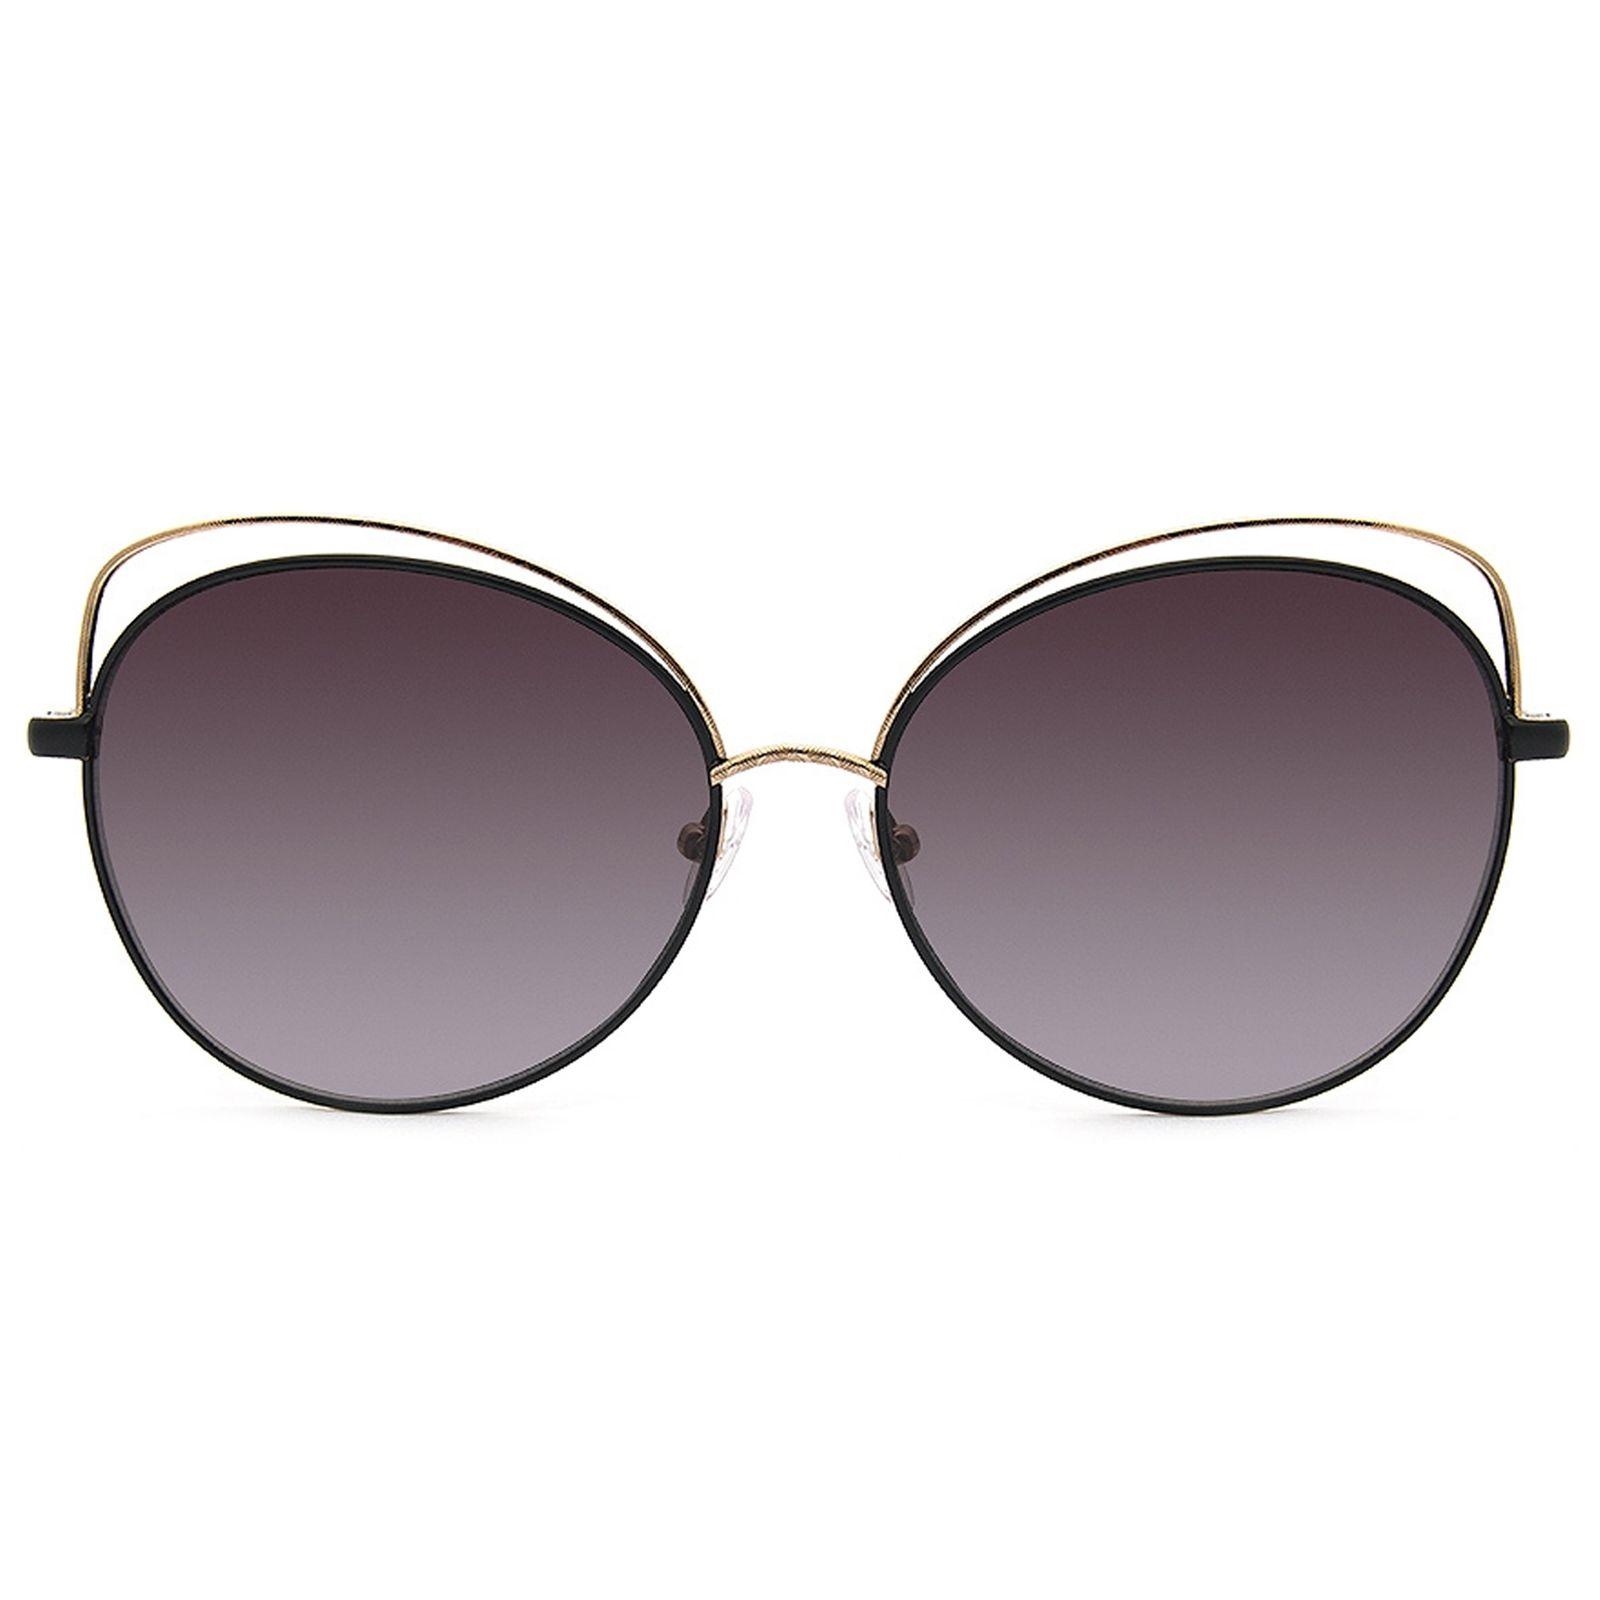 عینک آفتابی زنانه کریستین لاکروآ مدل CL 9018 OO2 -  - 1